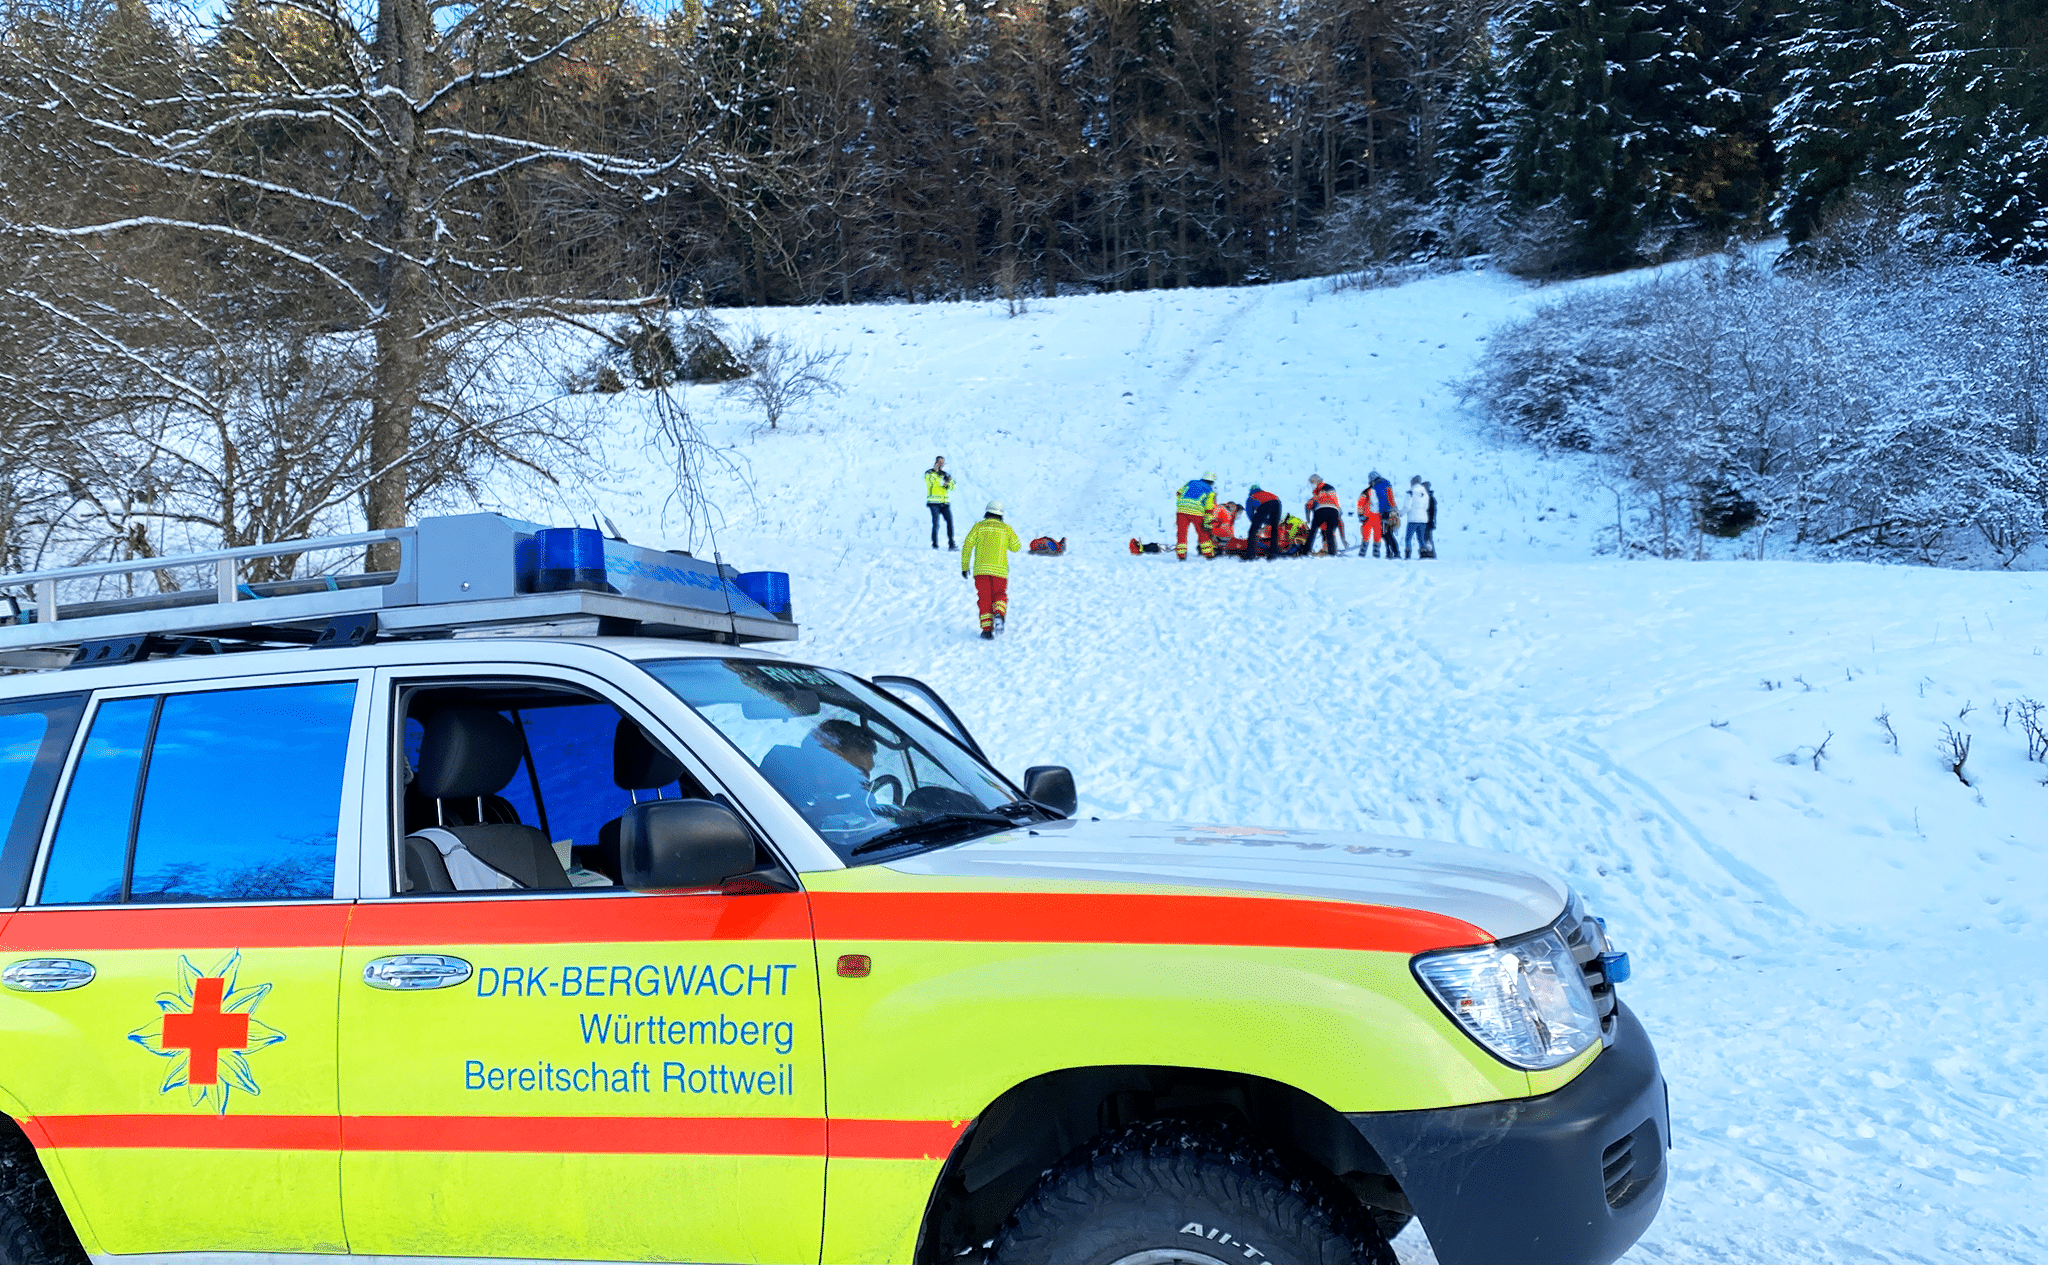 Bergwacht, Rettungsdienst und Feuerwehr retten einen gestürzten Schlittenfahrer gemeinsam bei Rottweil. Foto: gg